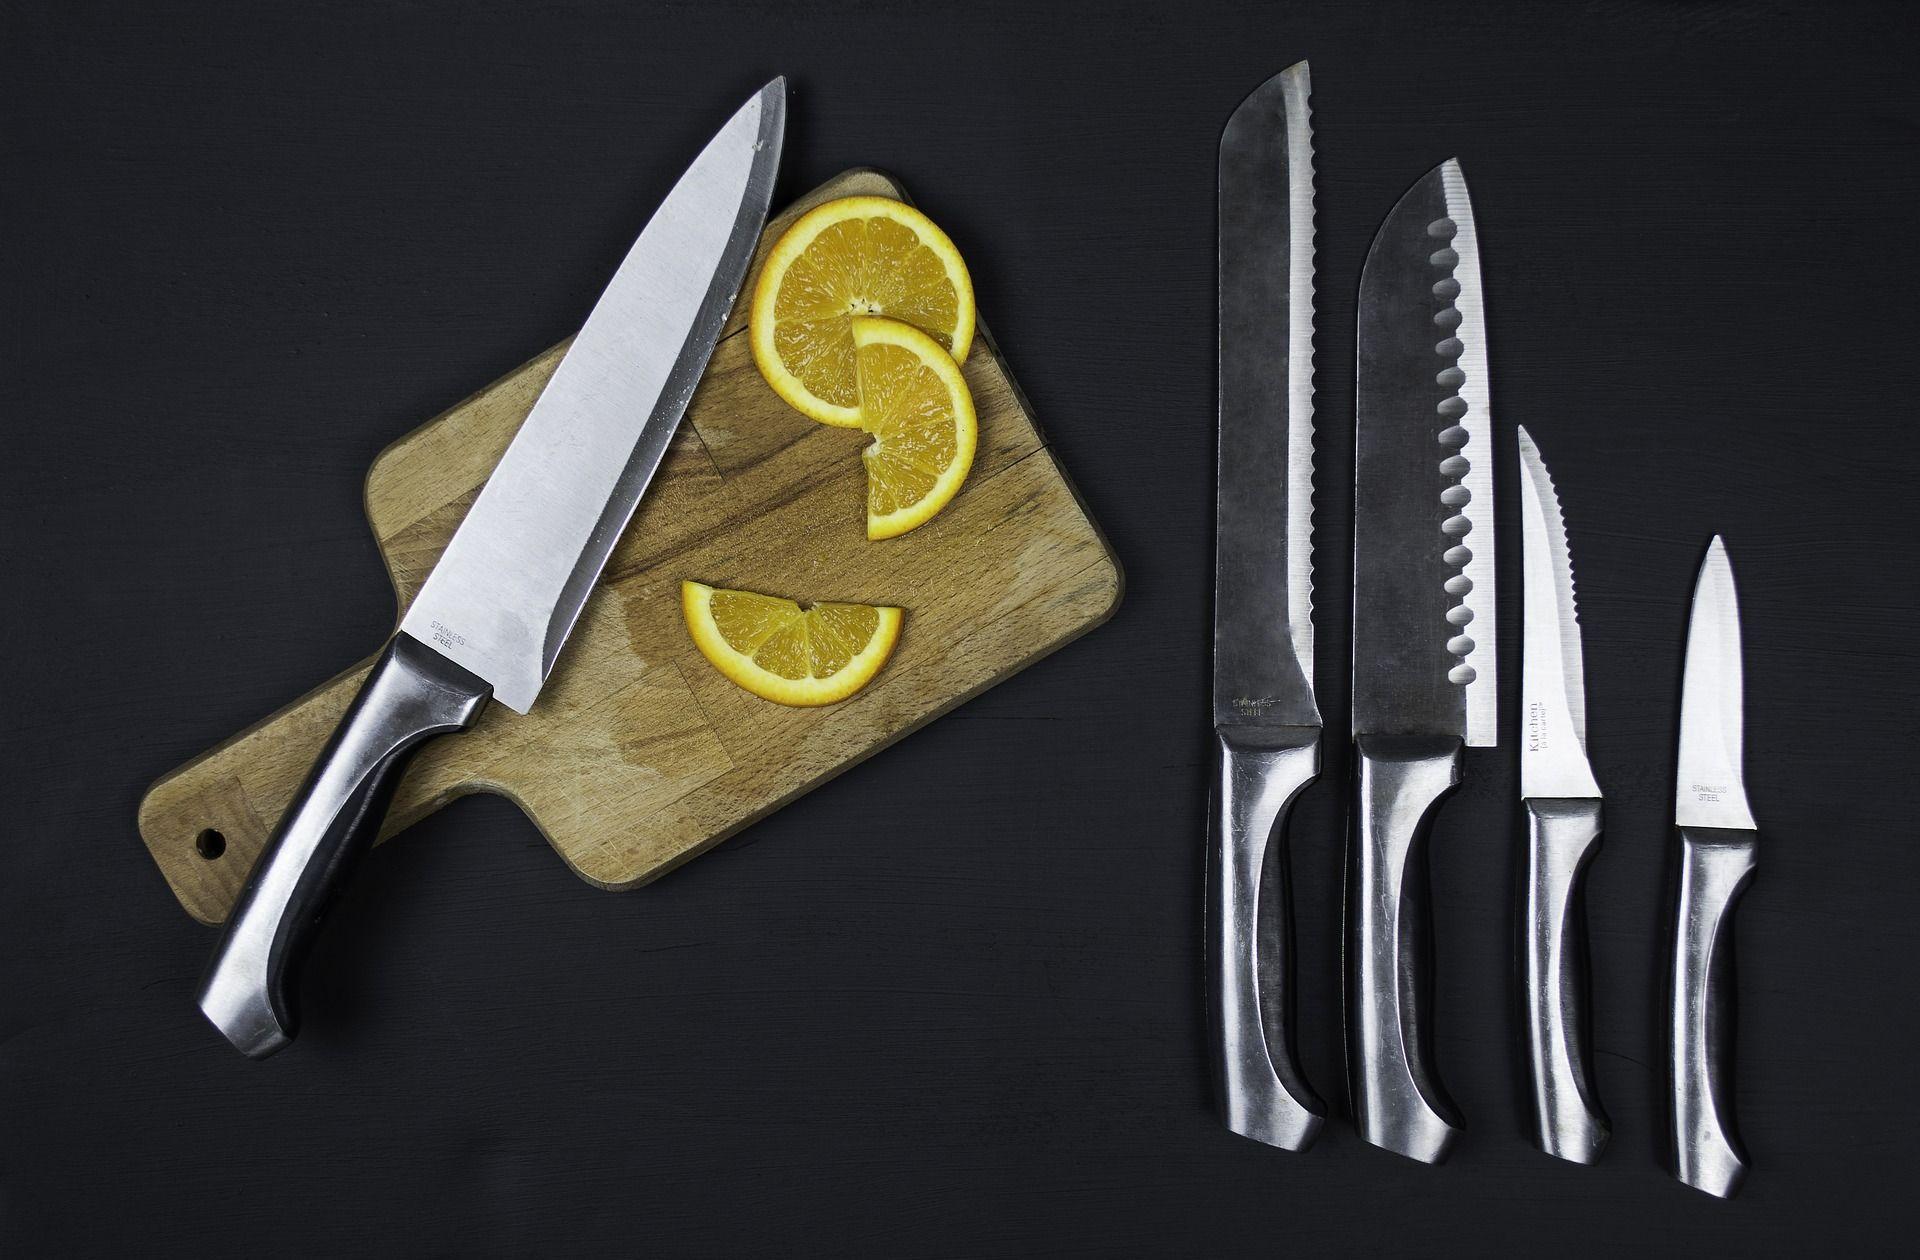 Venta de cuchillos de caza en Valencia  principales variedades 1deec57b1398